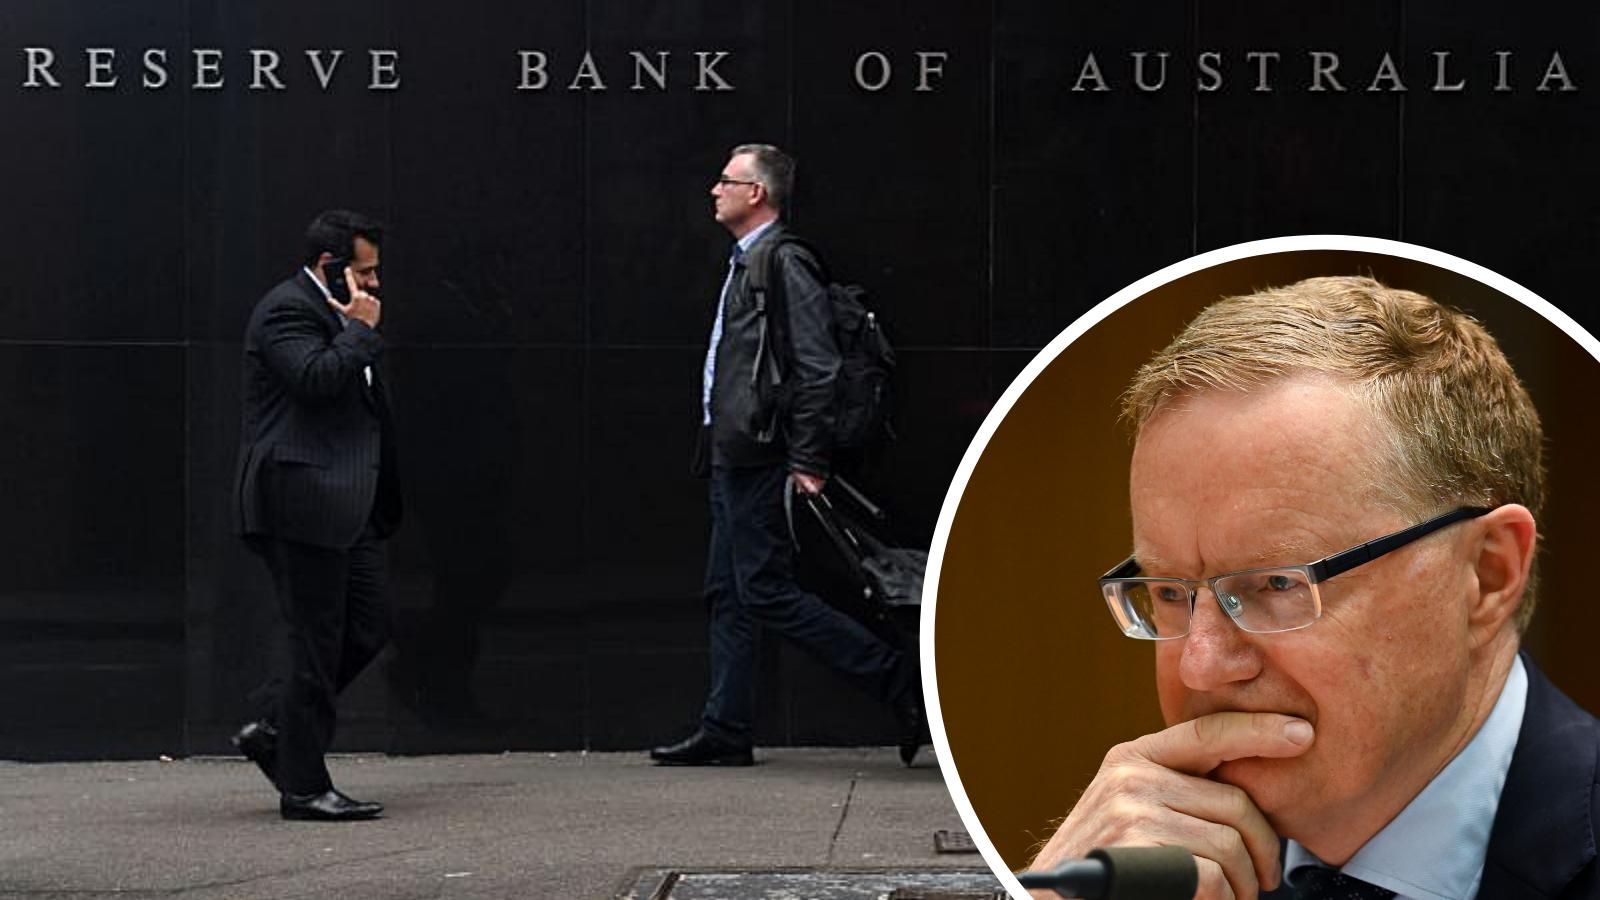 The RBA should cut interest rates next week